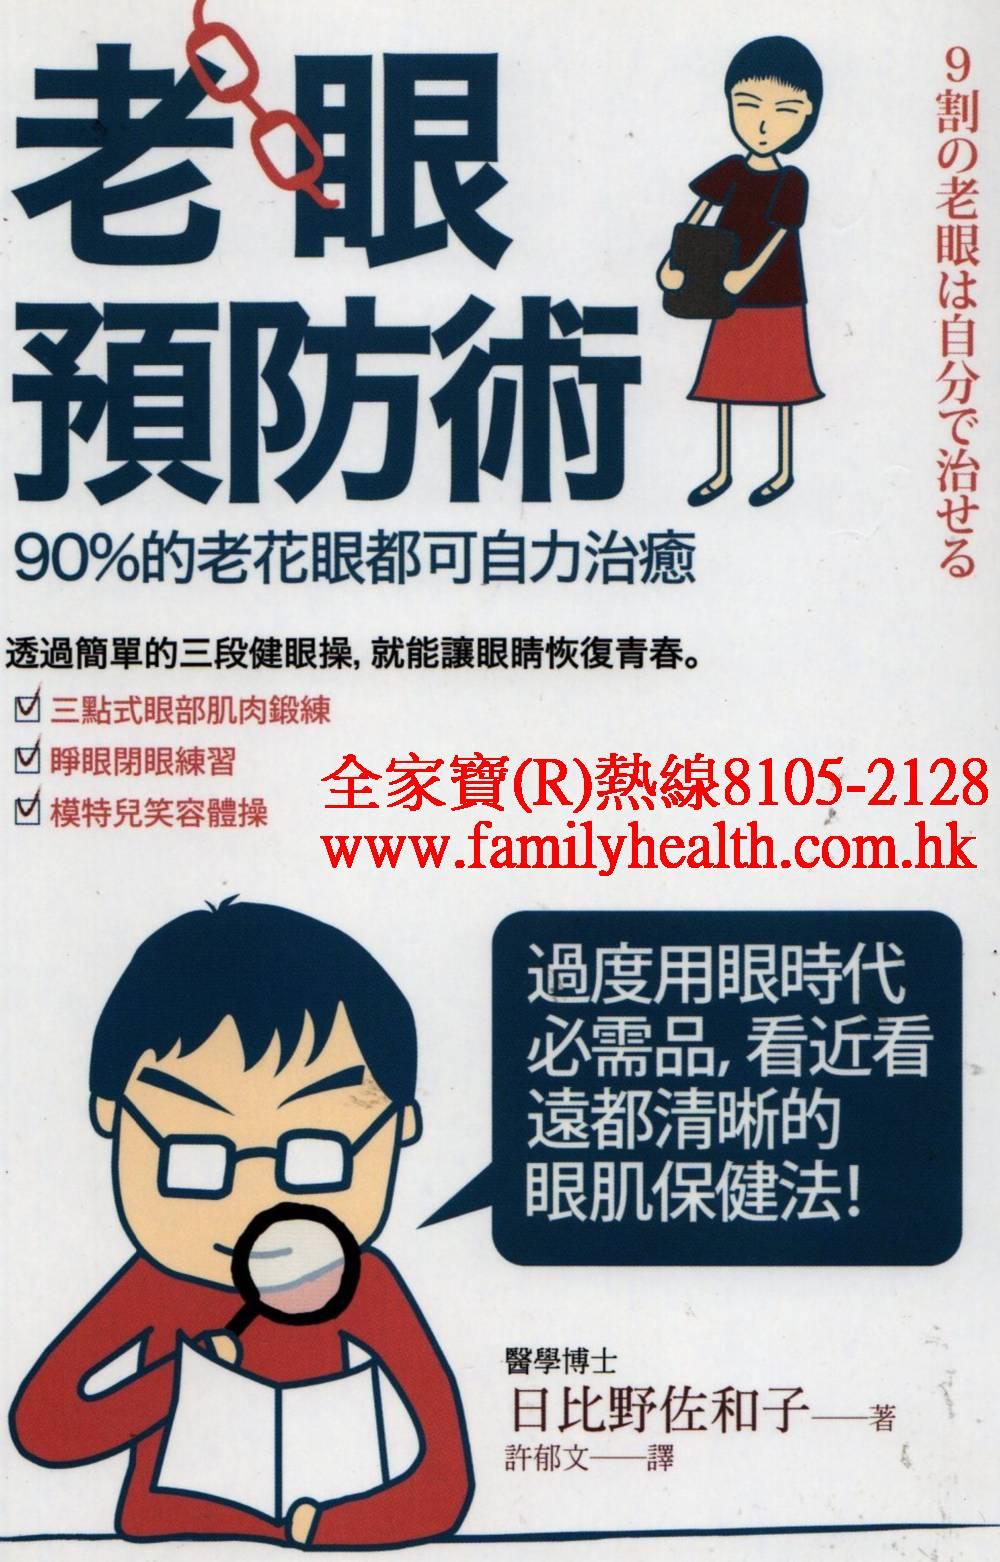 http://www.familyhealth.com.hk/files/full/1011_0.jpg